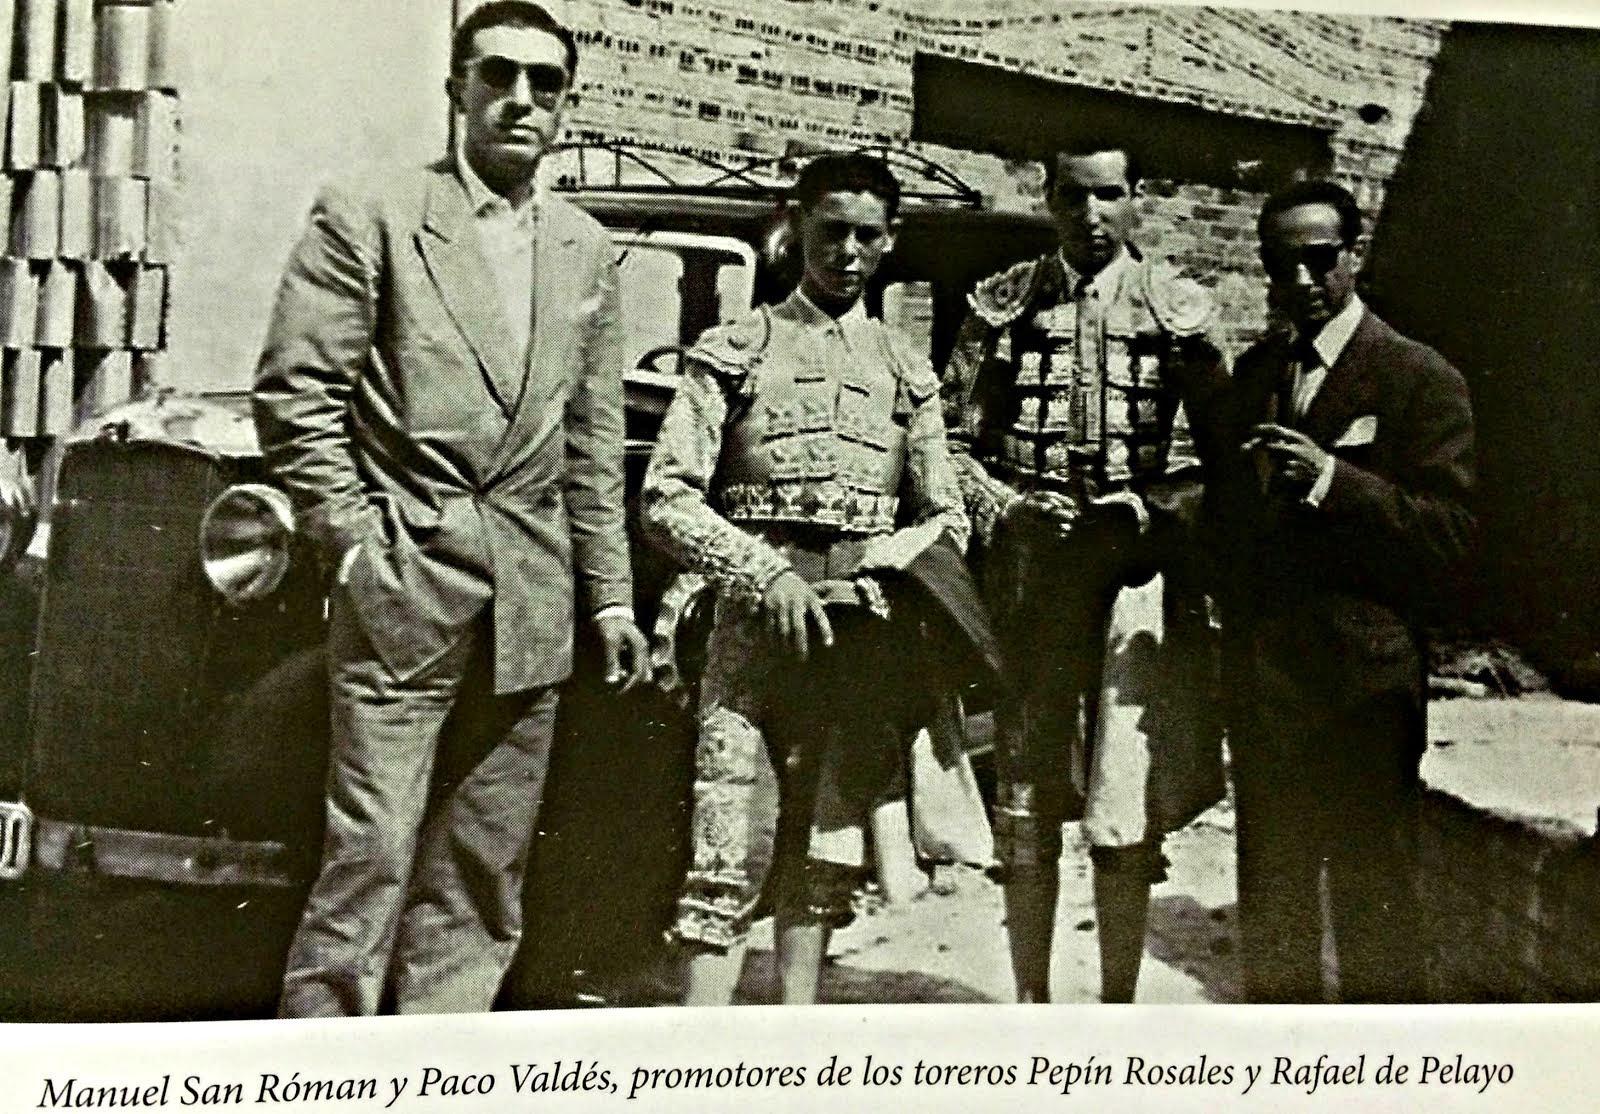 Manuel San Roman y Paco Valdes